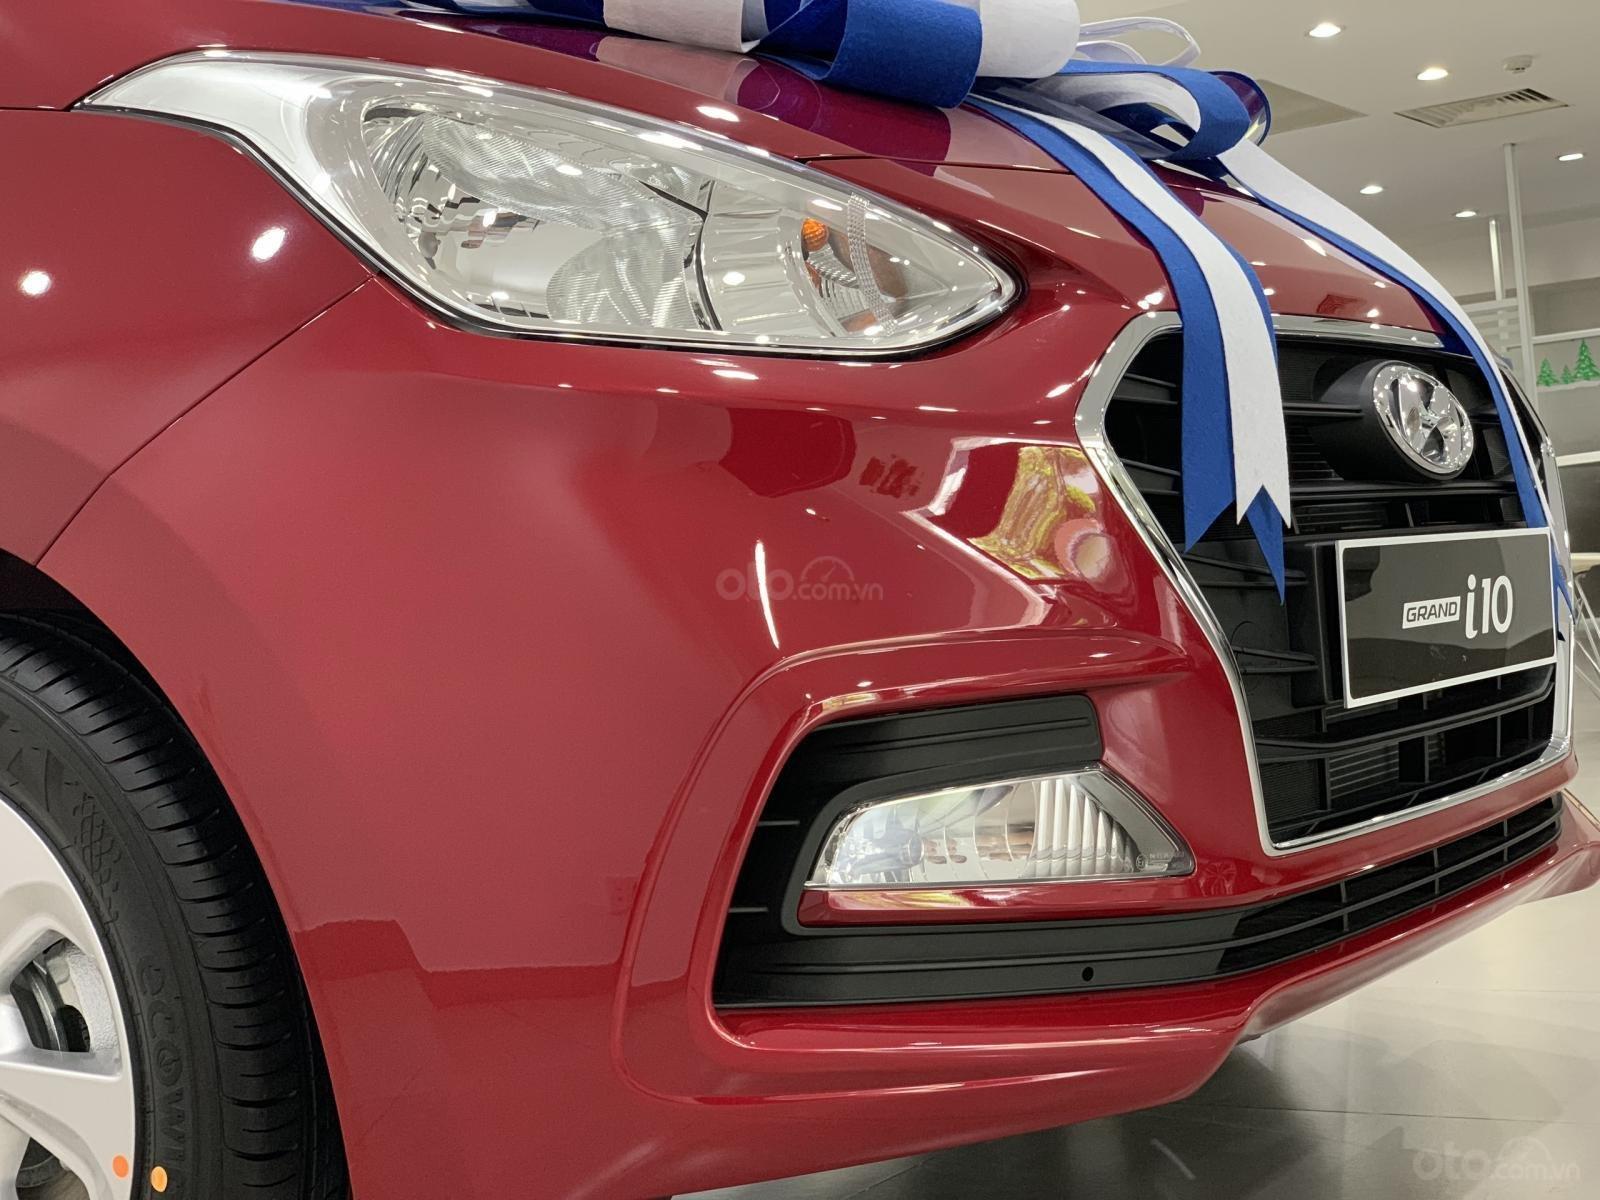 Bán Hyundai Grand I10 Sedan MT đỏ giao ngay, hỗ trợ đăng kí Grab, lấy xe chỉ với 130tr, LH 0977139312 (3)